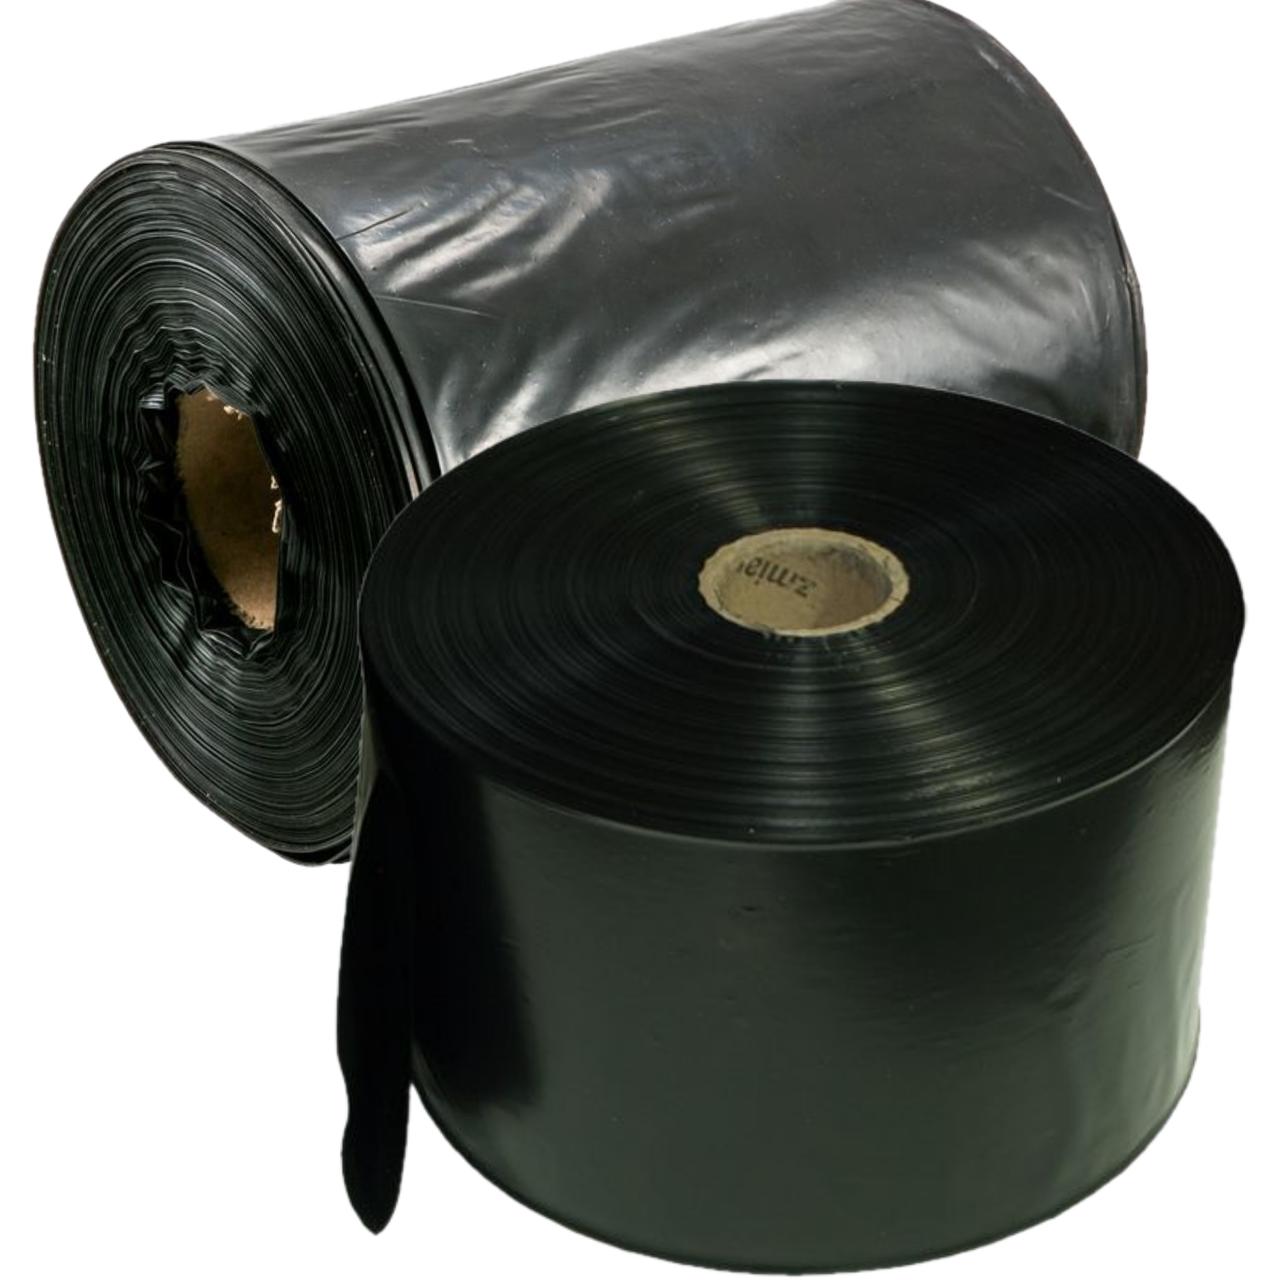 Рукав для рассады 120 мм. х 500 м. полиэтиленовый черный